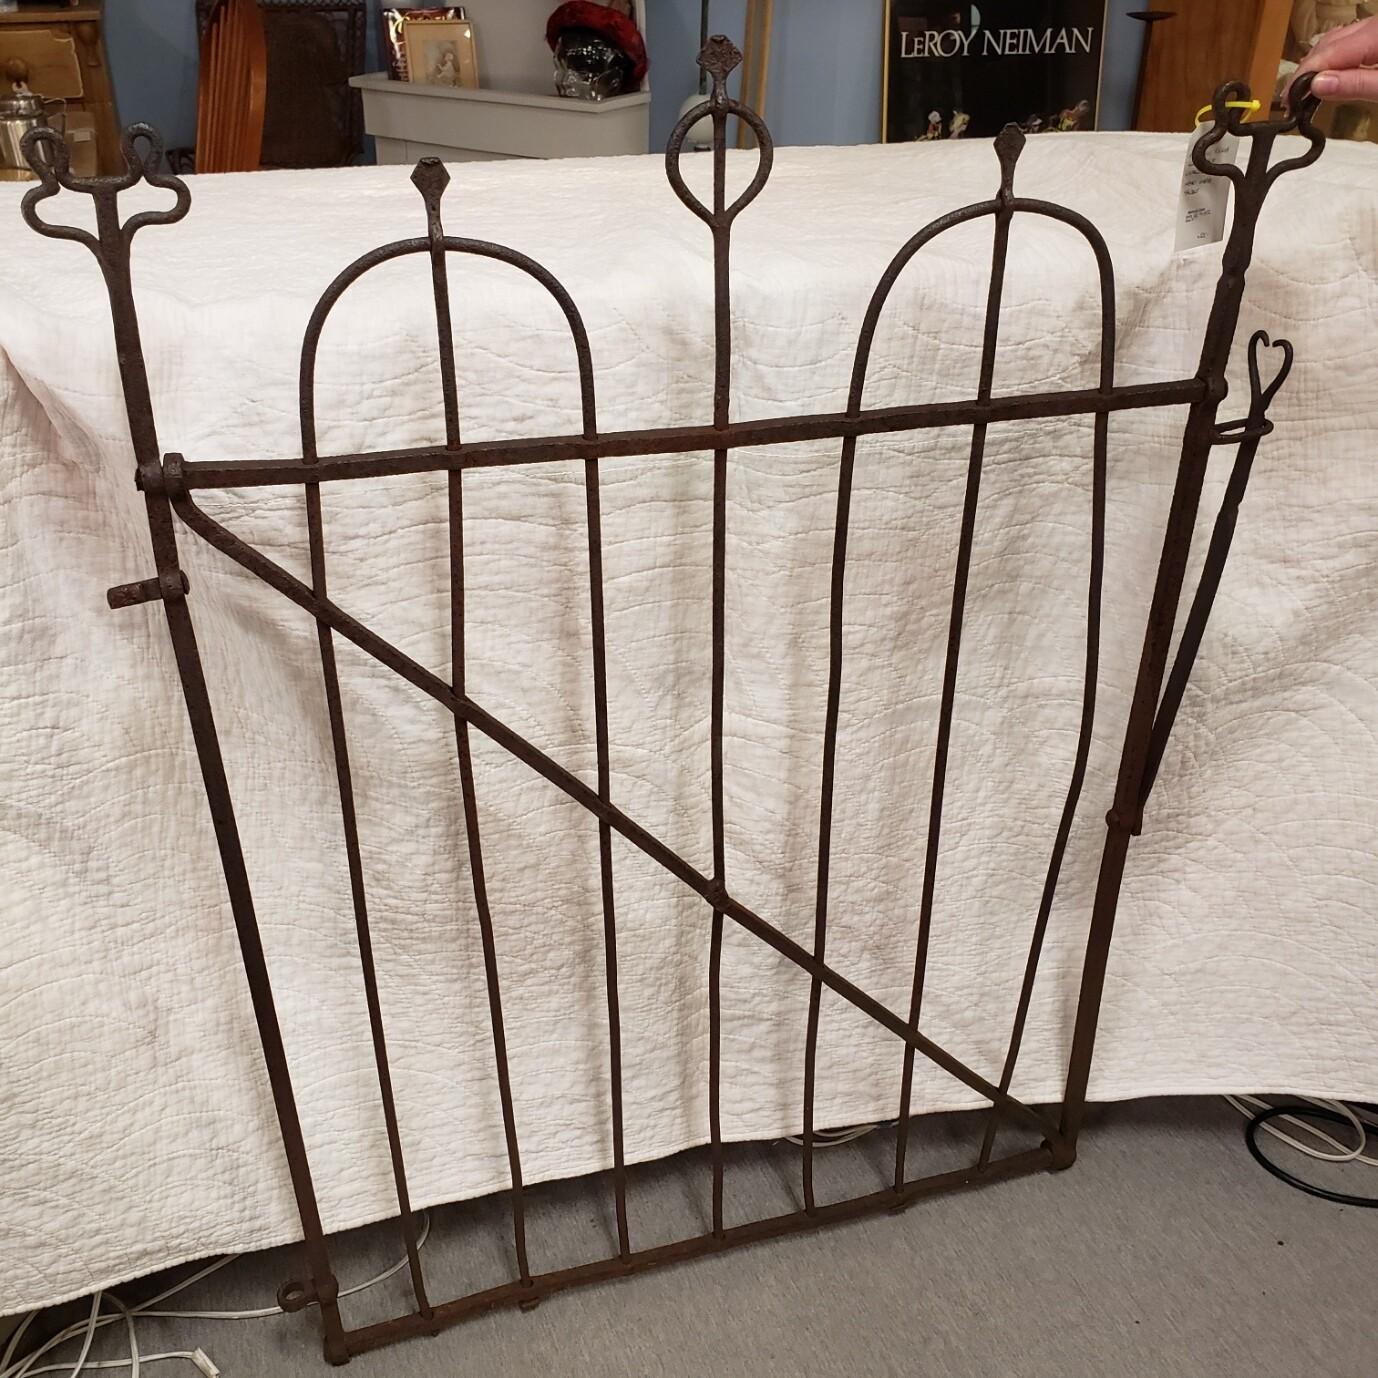 Rare Hand Forged Gate Circa 1870 - V94